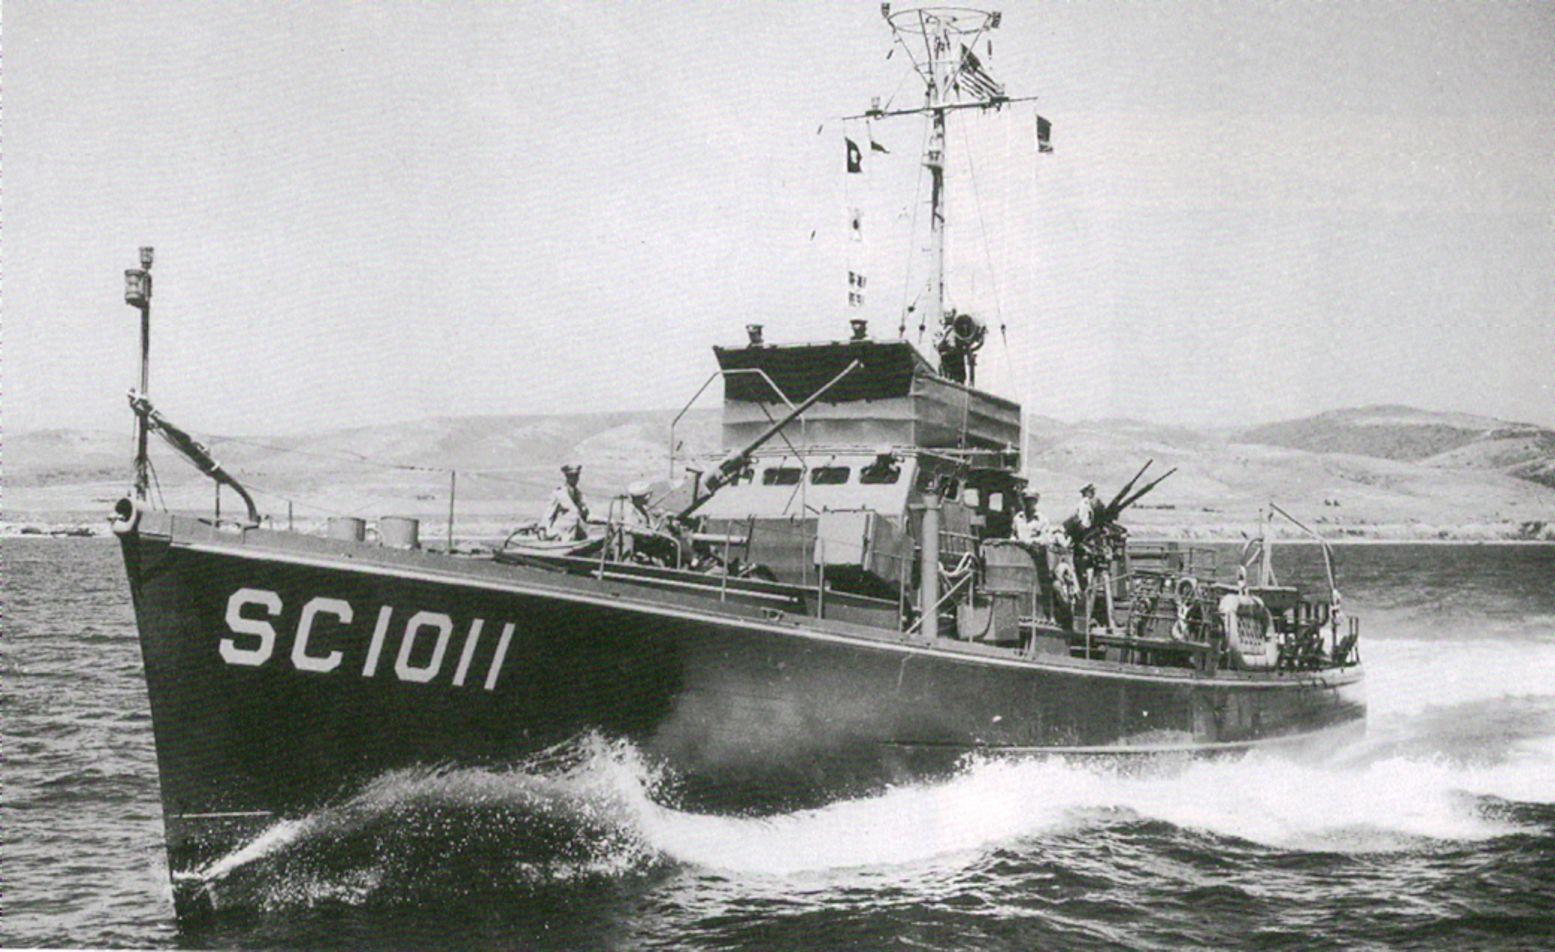 Projeto Hula: o plano secreto EUA-URSS na guerra contra o Japão